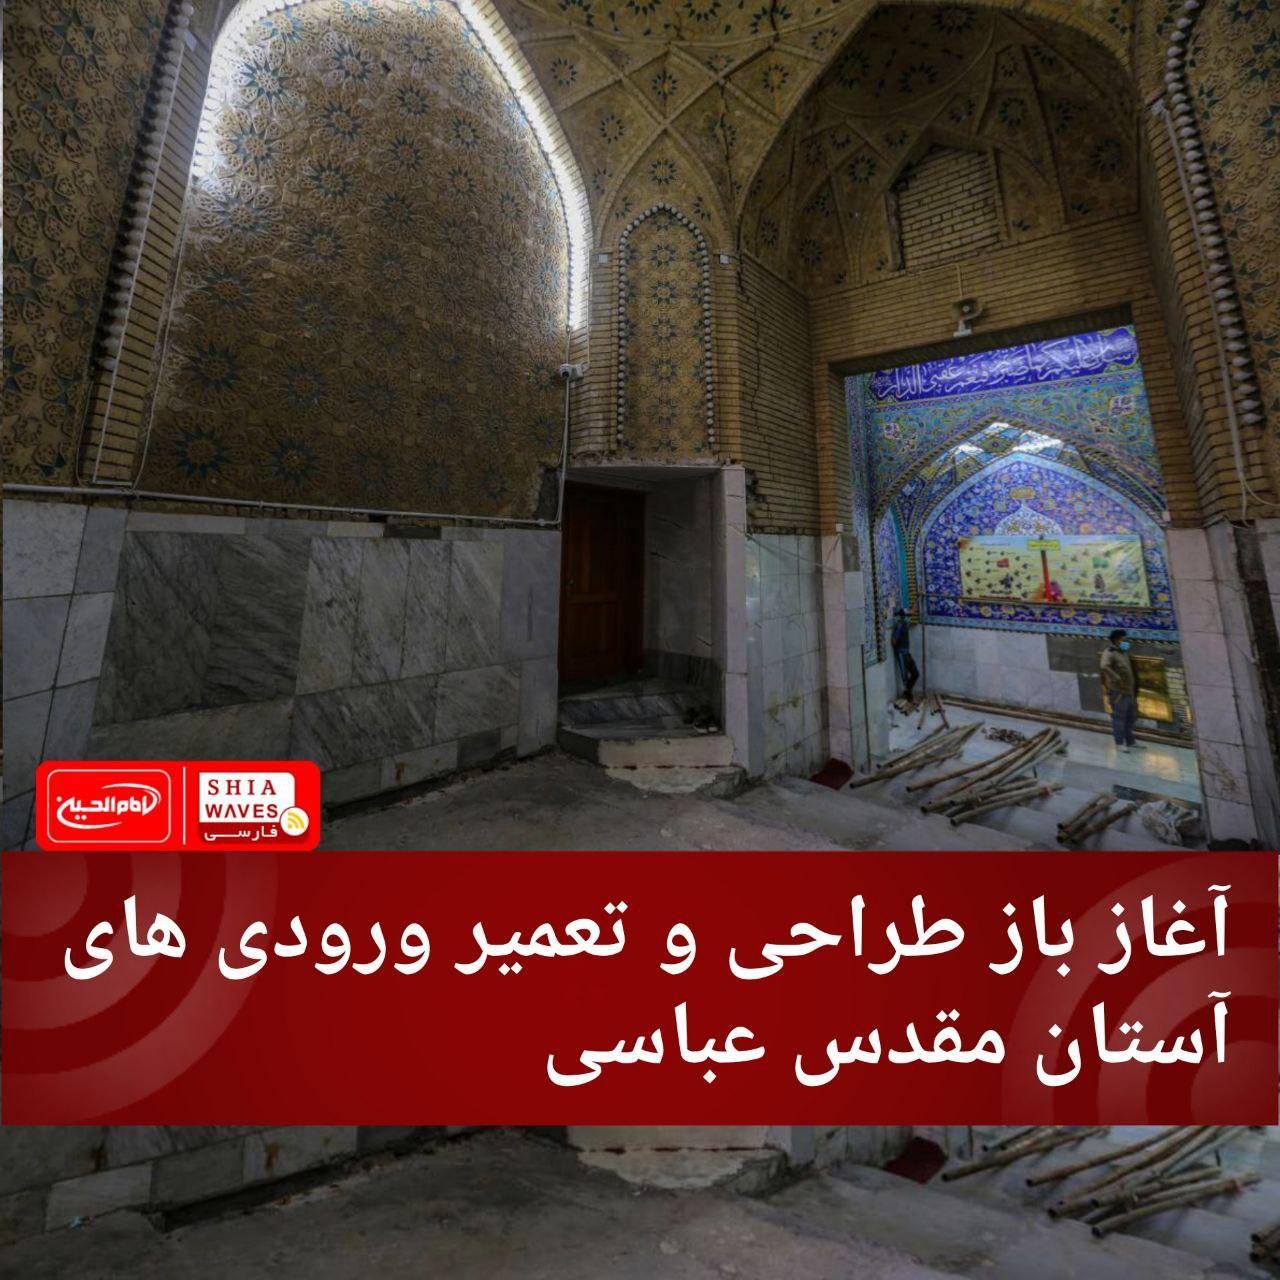 تصویر آغاز باز طراحی و تعمیر ورودی های آستان مقدس عباسی